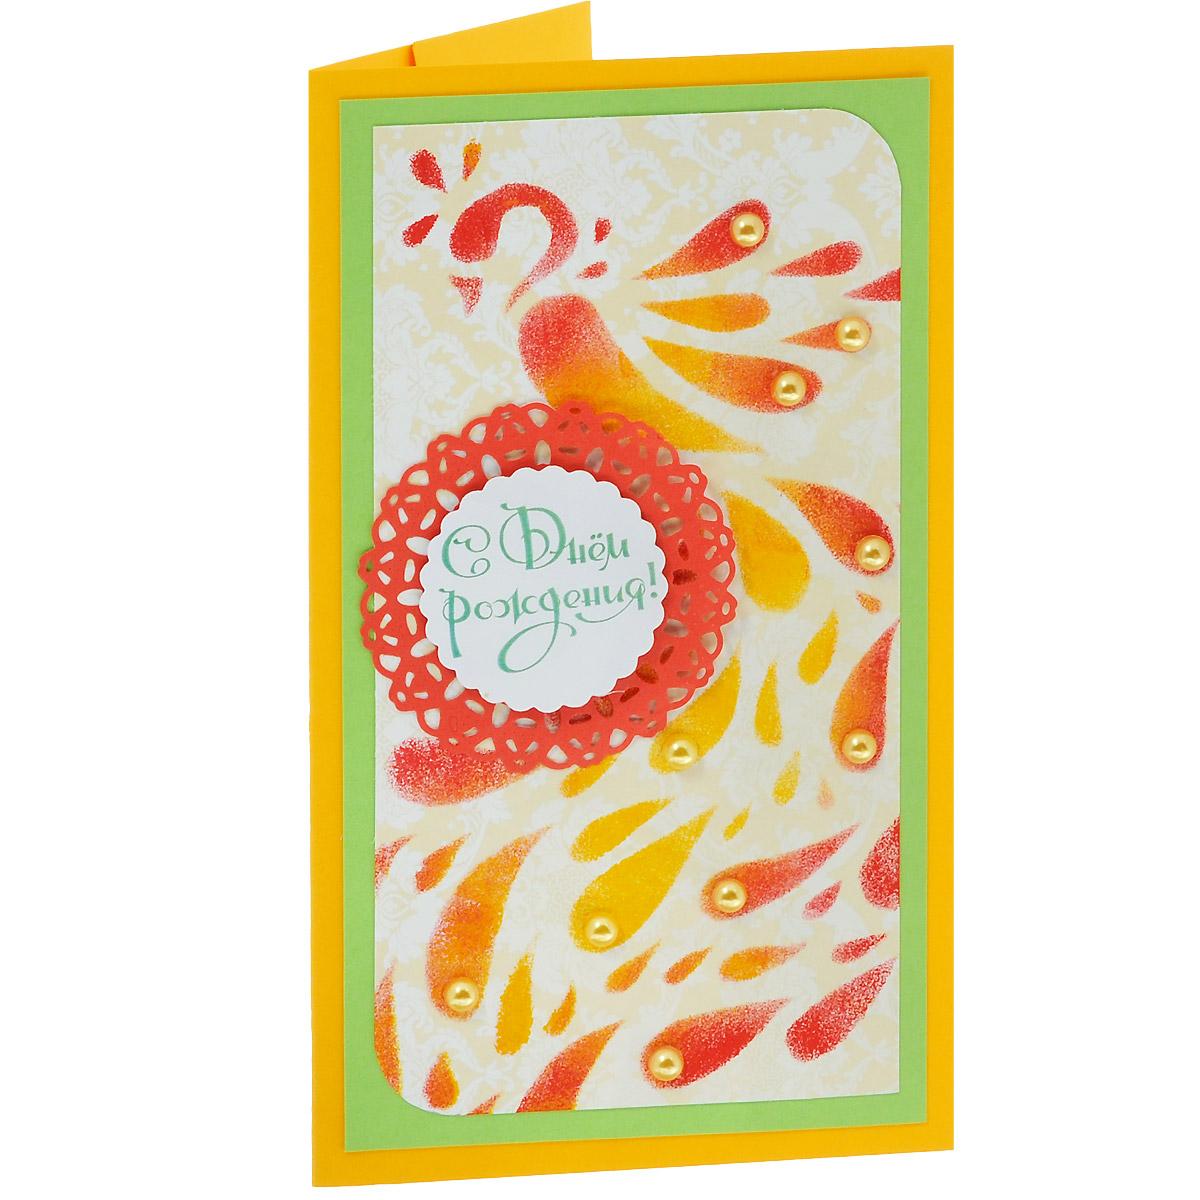 ОЖ-0021 Открытка-конверт «С Днём Рождения!» (павлин). Студия «Тётя Роза»Винтажные открытки №97Характеристики: Размер 19 см x 11 см. Материал: Высоко-художественный картон, бумага, декор. Данная открытка может стать как прекрасным дополнением к вашему подарку, так и самостоятельным подарком. Так как открытка является и конвертом, в который вы можете вложить ваш денежный подарок или просто написать ваши пожелания на вкладыше. Очень яркая и эффектная открытка с нанесенным на лицевую часть нарядным павлином, выполненным в технике ручной трафаретной печати. Роскошно декорирована жемчугом и надписью на ажурном многослойном медальоне в центре композиции. Также открытка упакована в пакетик для сохранности. Обращаем Ваше внимание на то, что открытка может незначительно отличаться от представленной на фото.